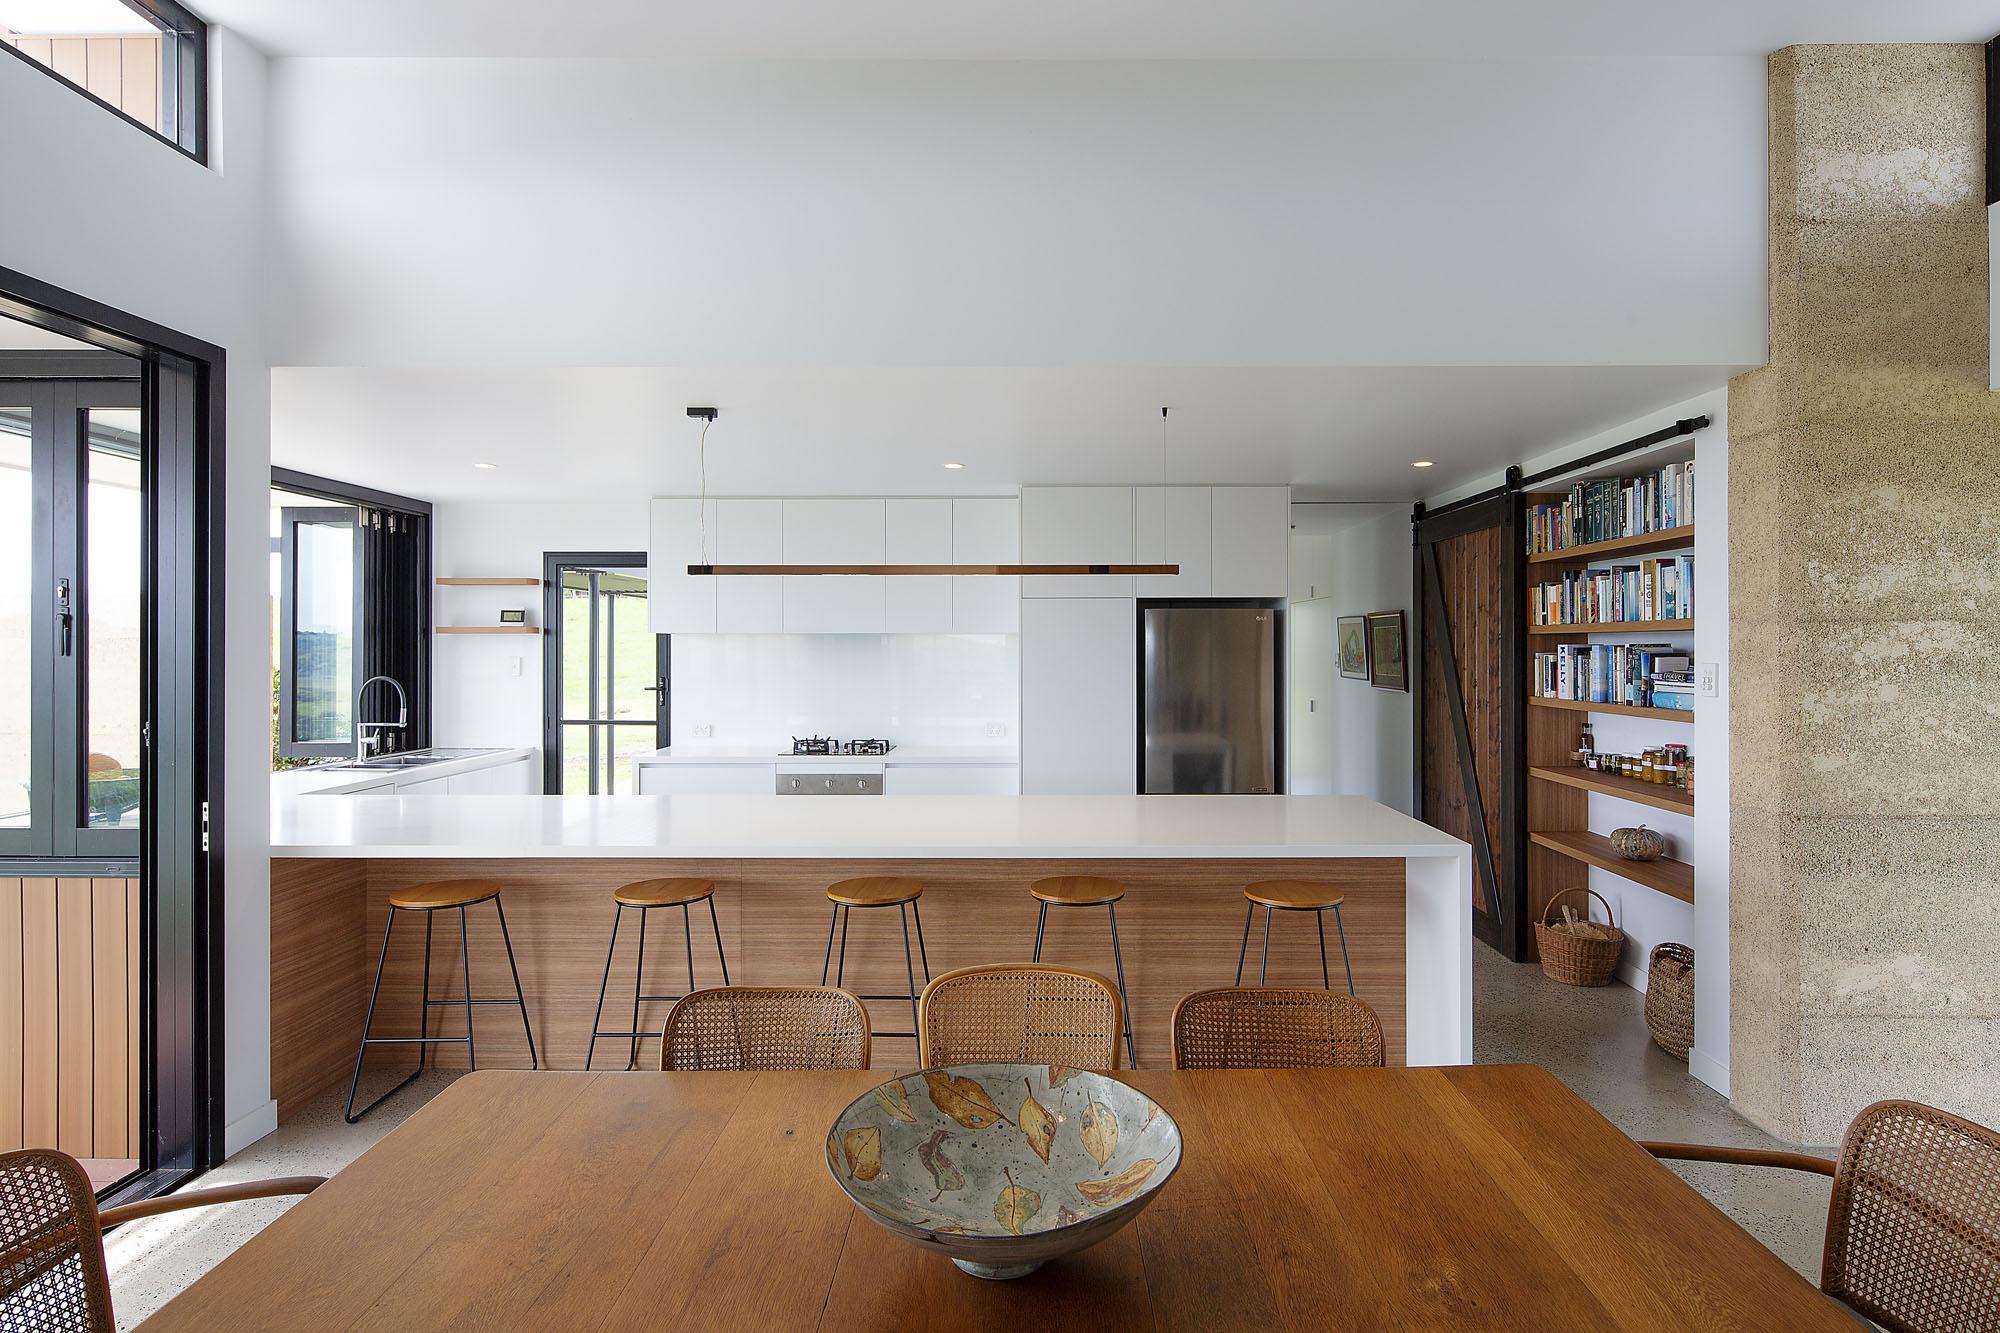 Project Habitation